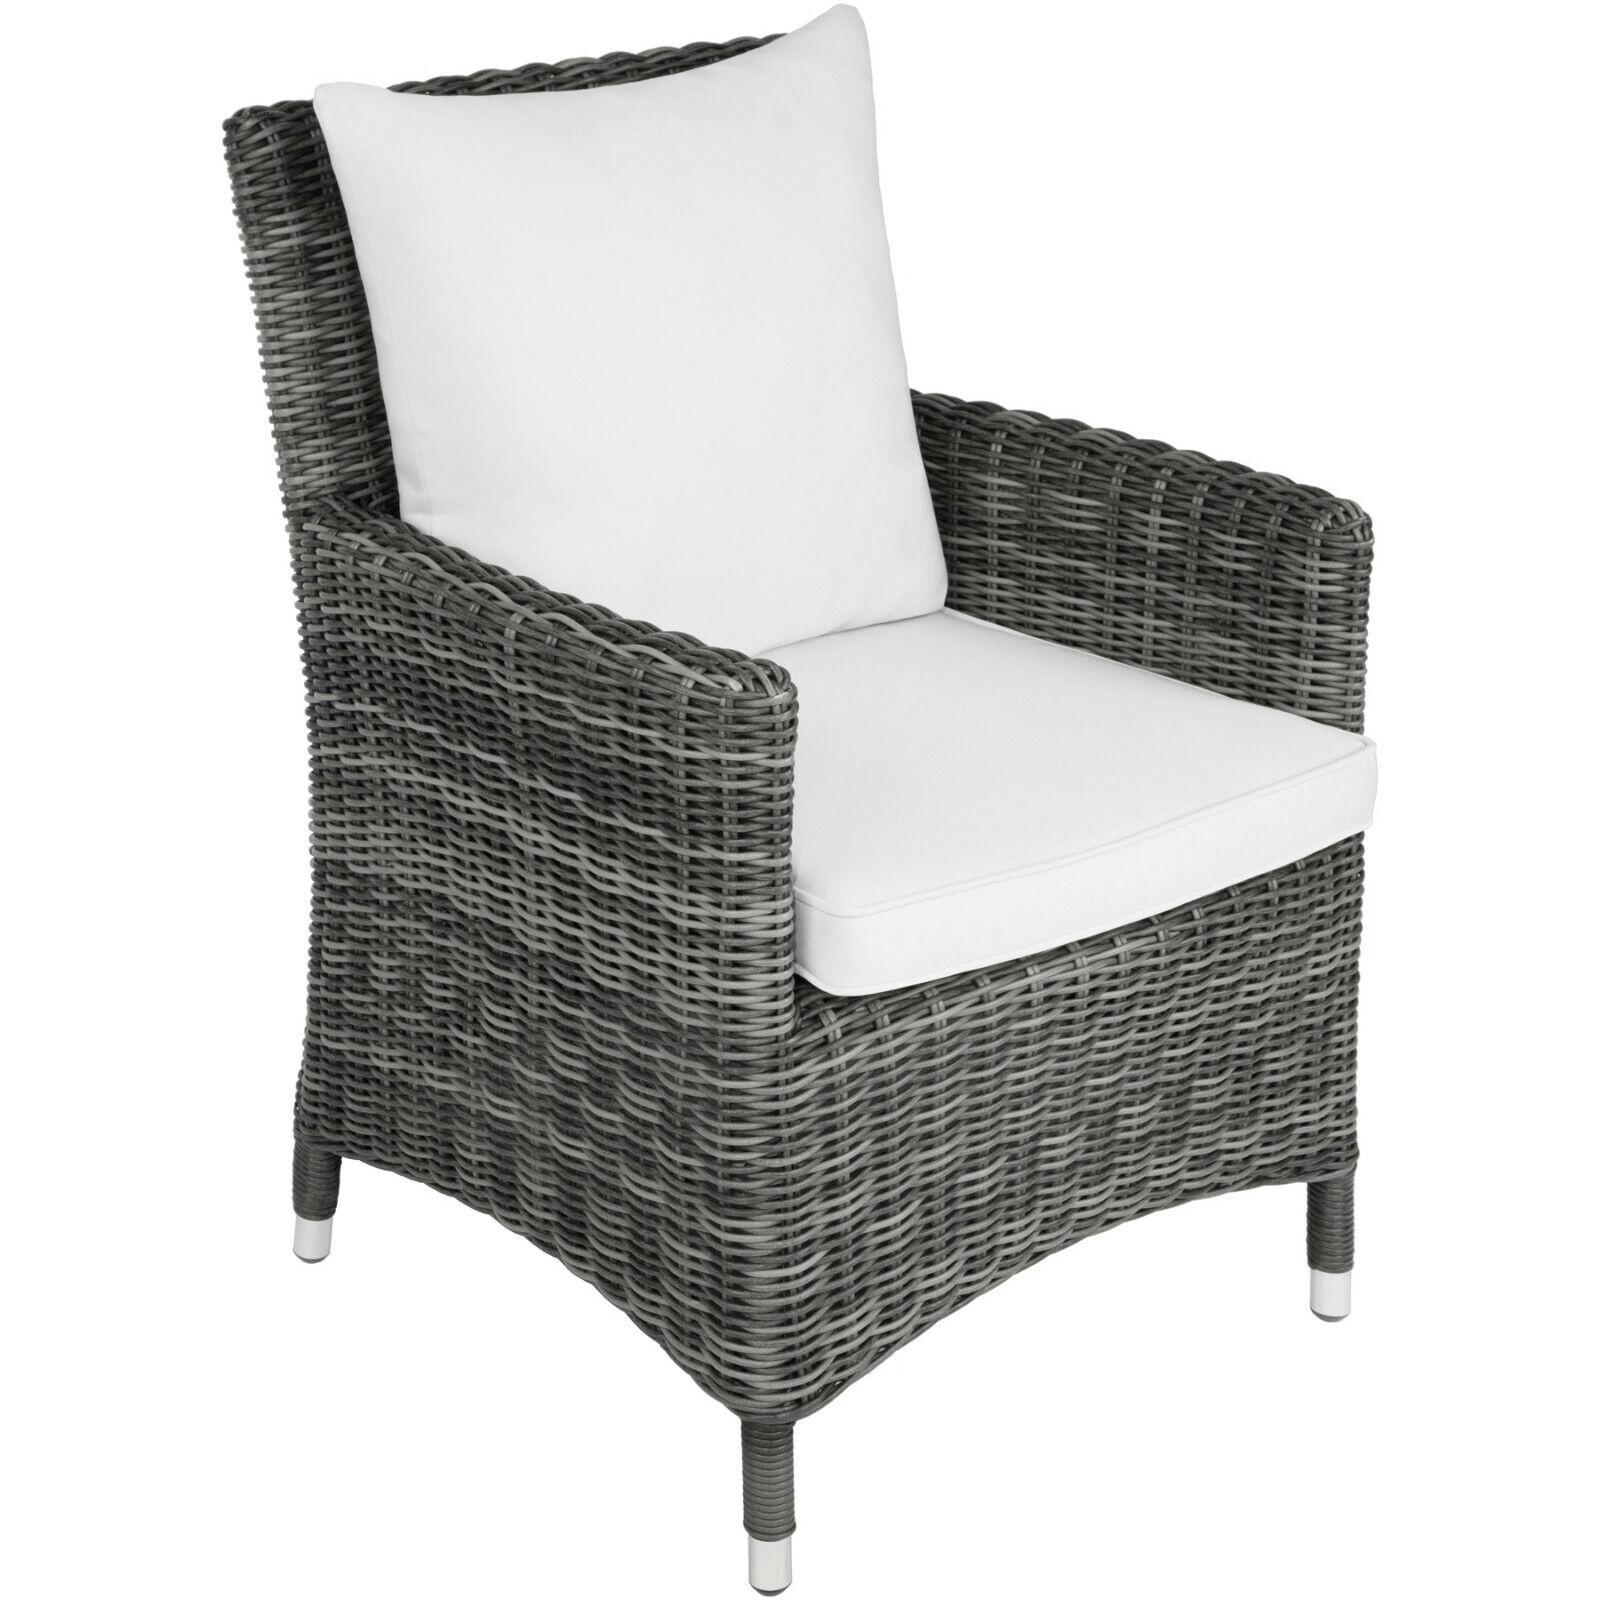 mobilier design jardin de chaise extérieur Fauteuil tressée ...